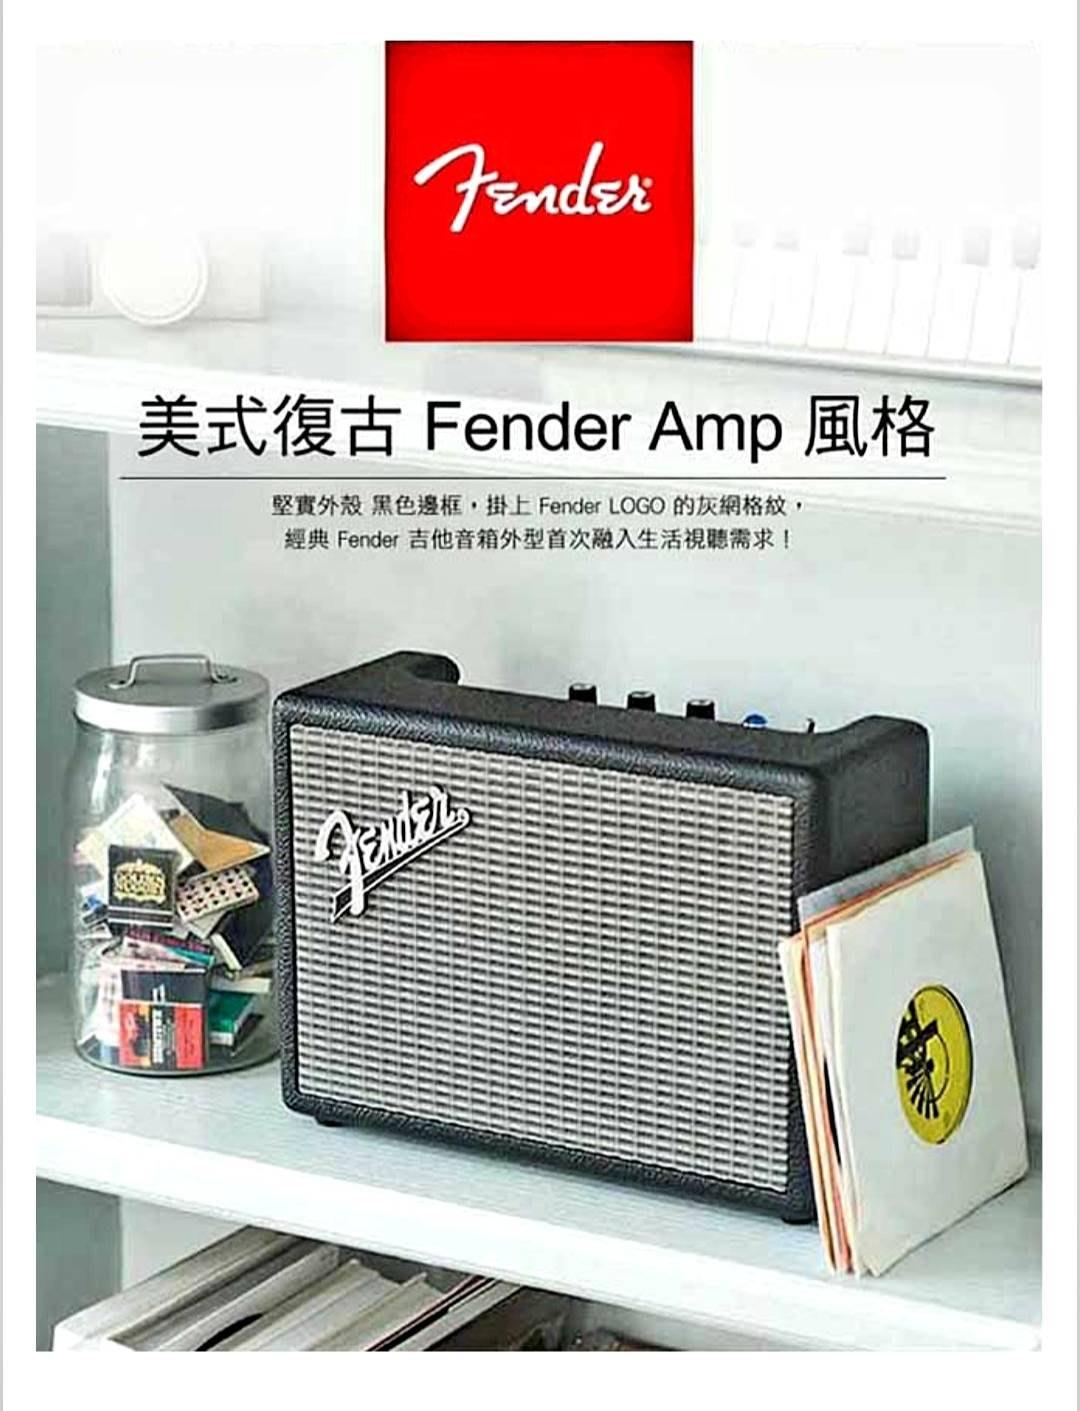 視聽影訊 公司貨保一年 Fender Monterey 無線藍牙喇叭 另marshall stanmore